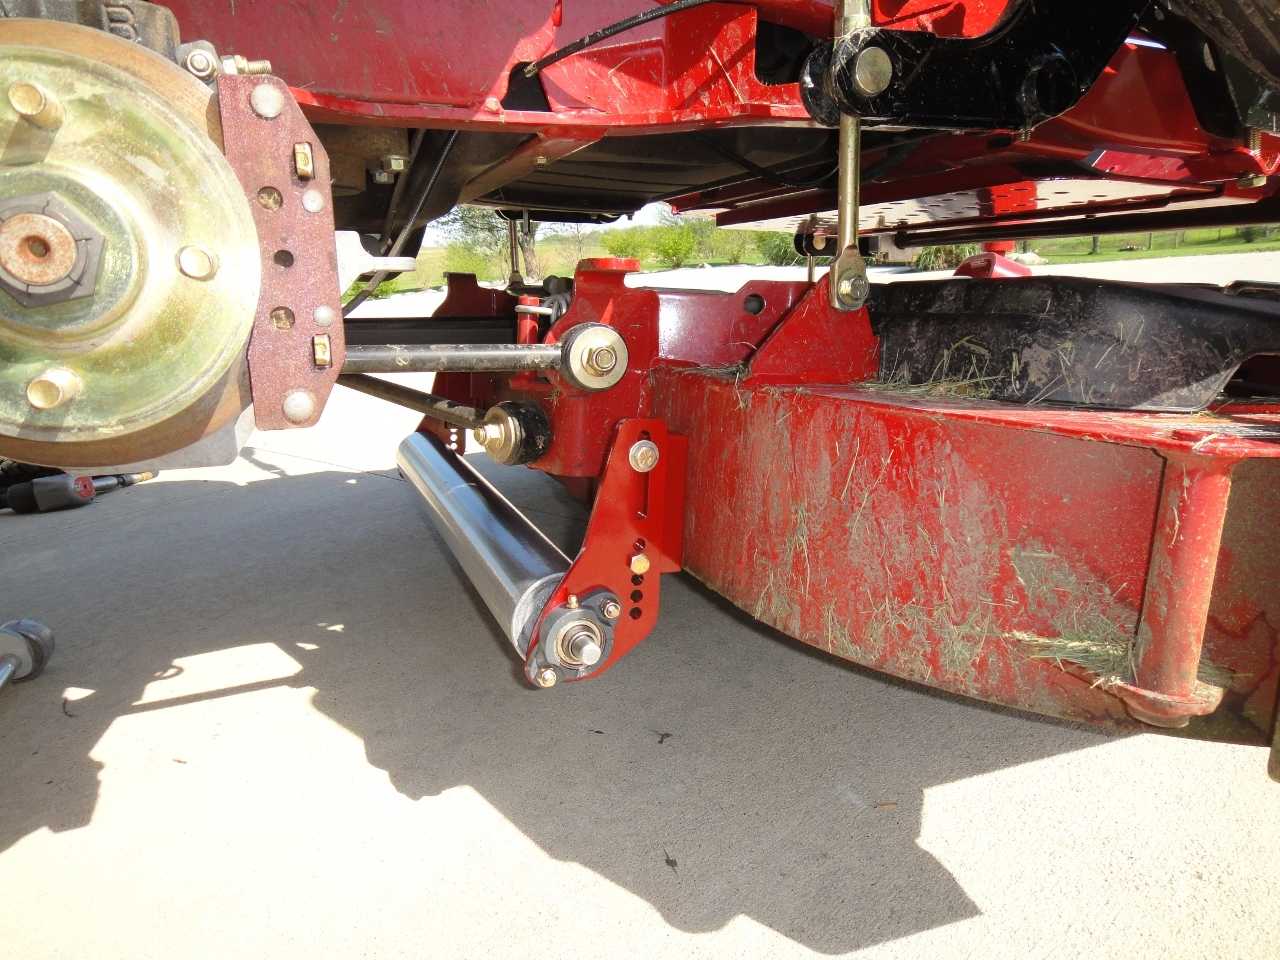 eXmark Lawn Striper System